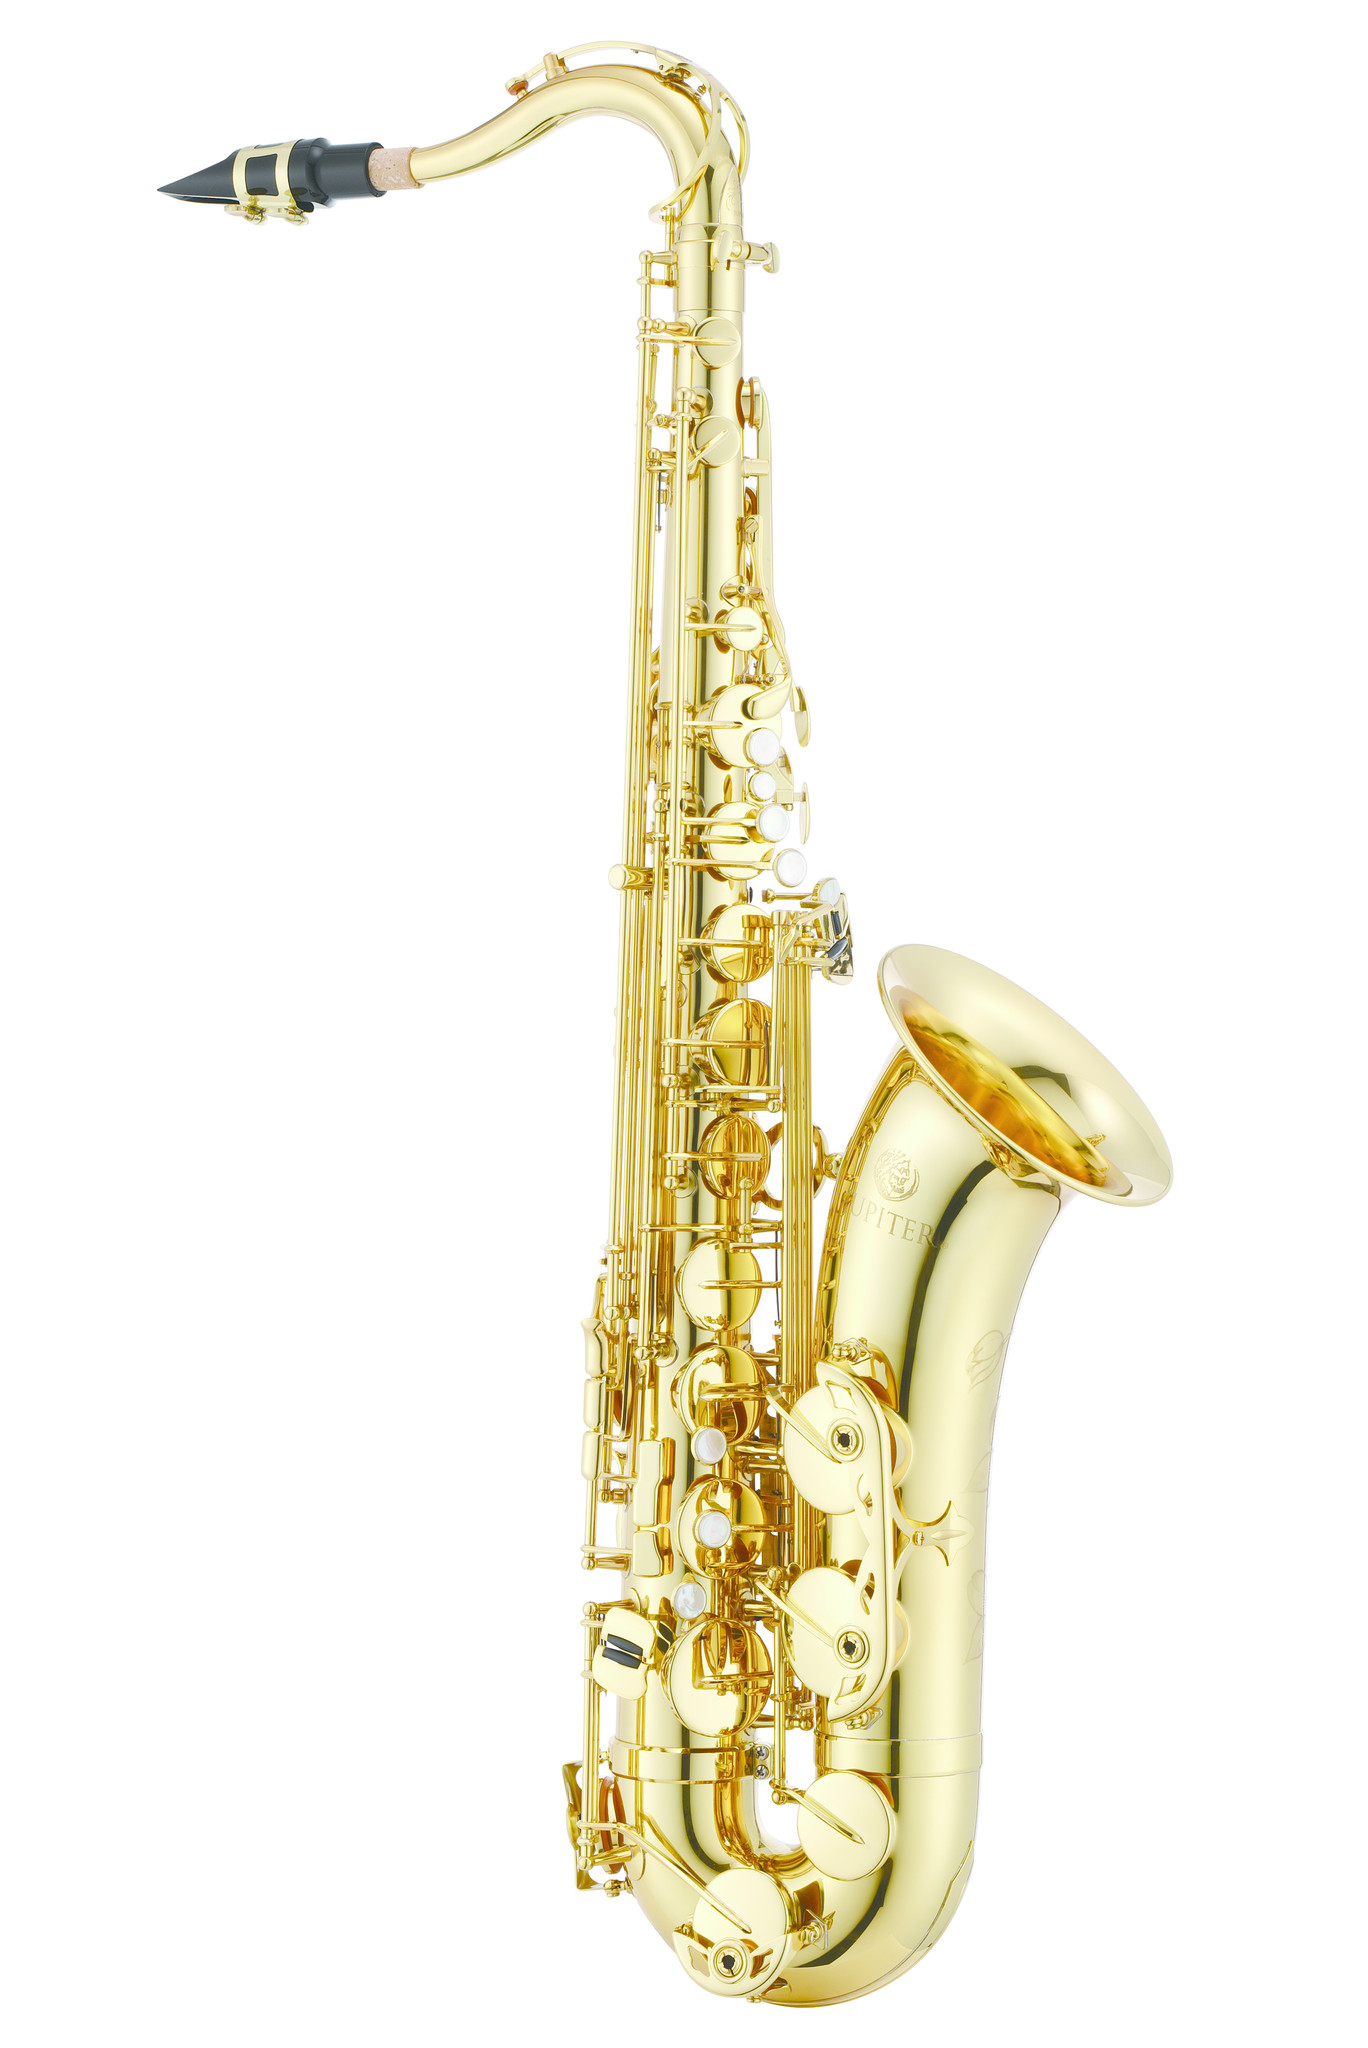 Jupiter Jupiter JTS1100 Tenor Saxophone